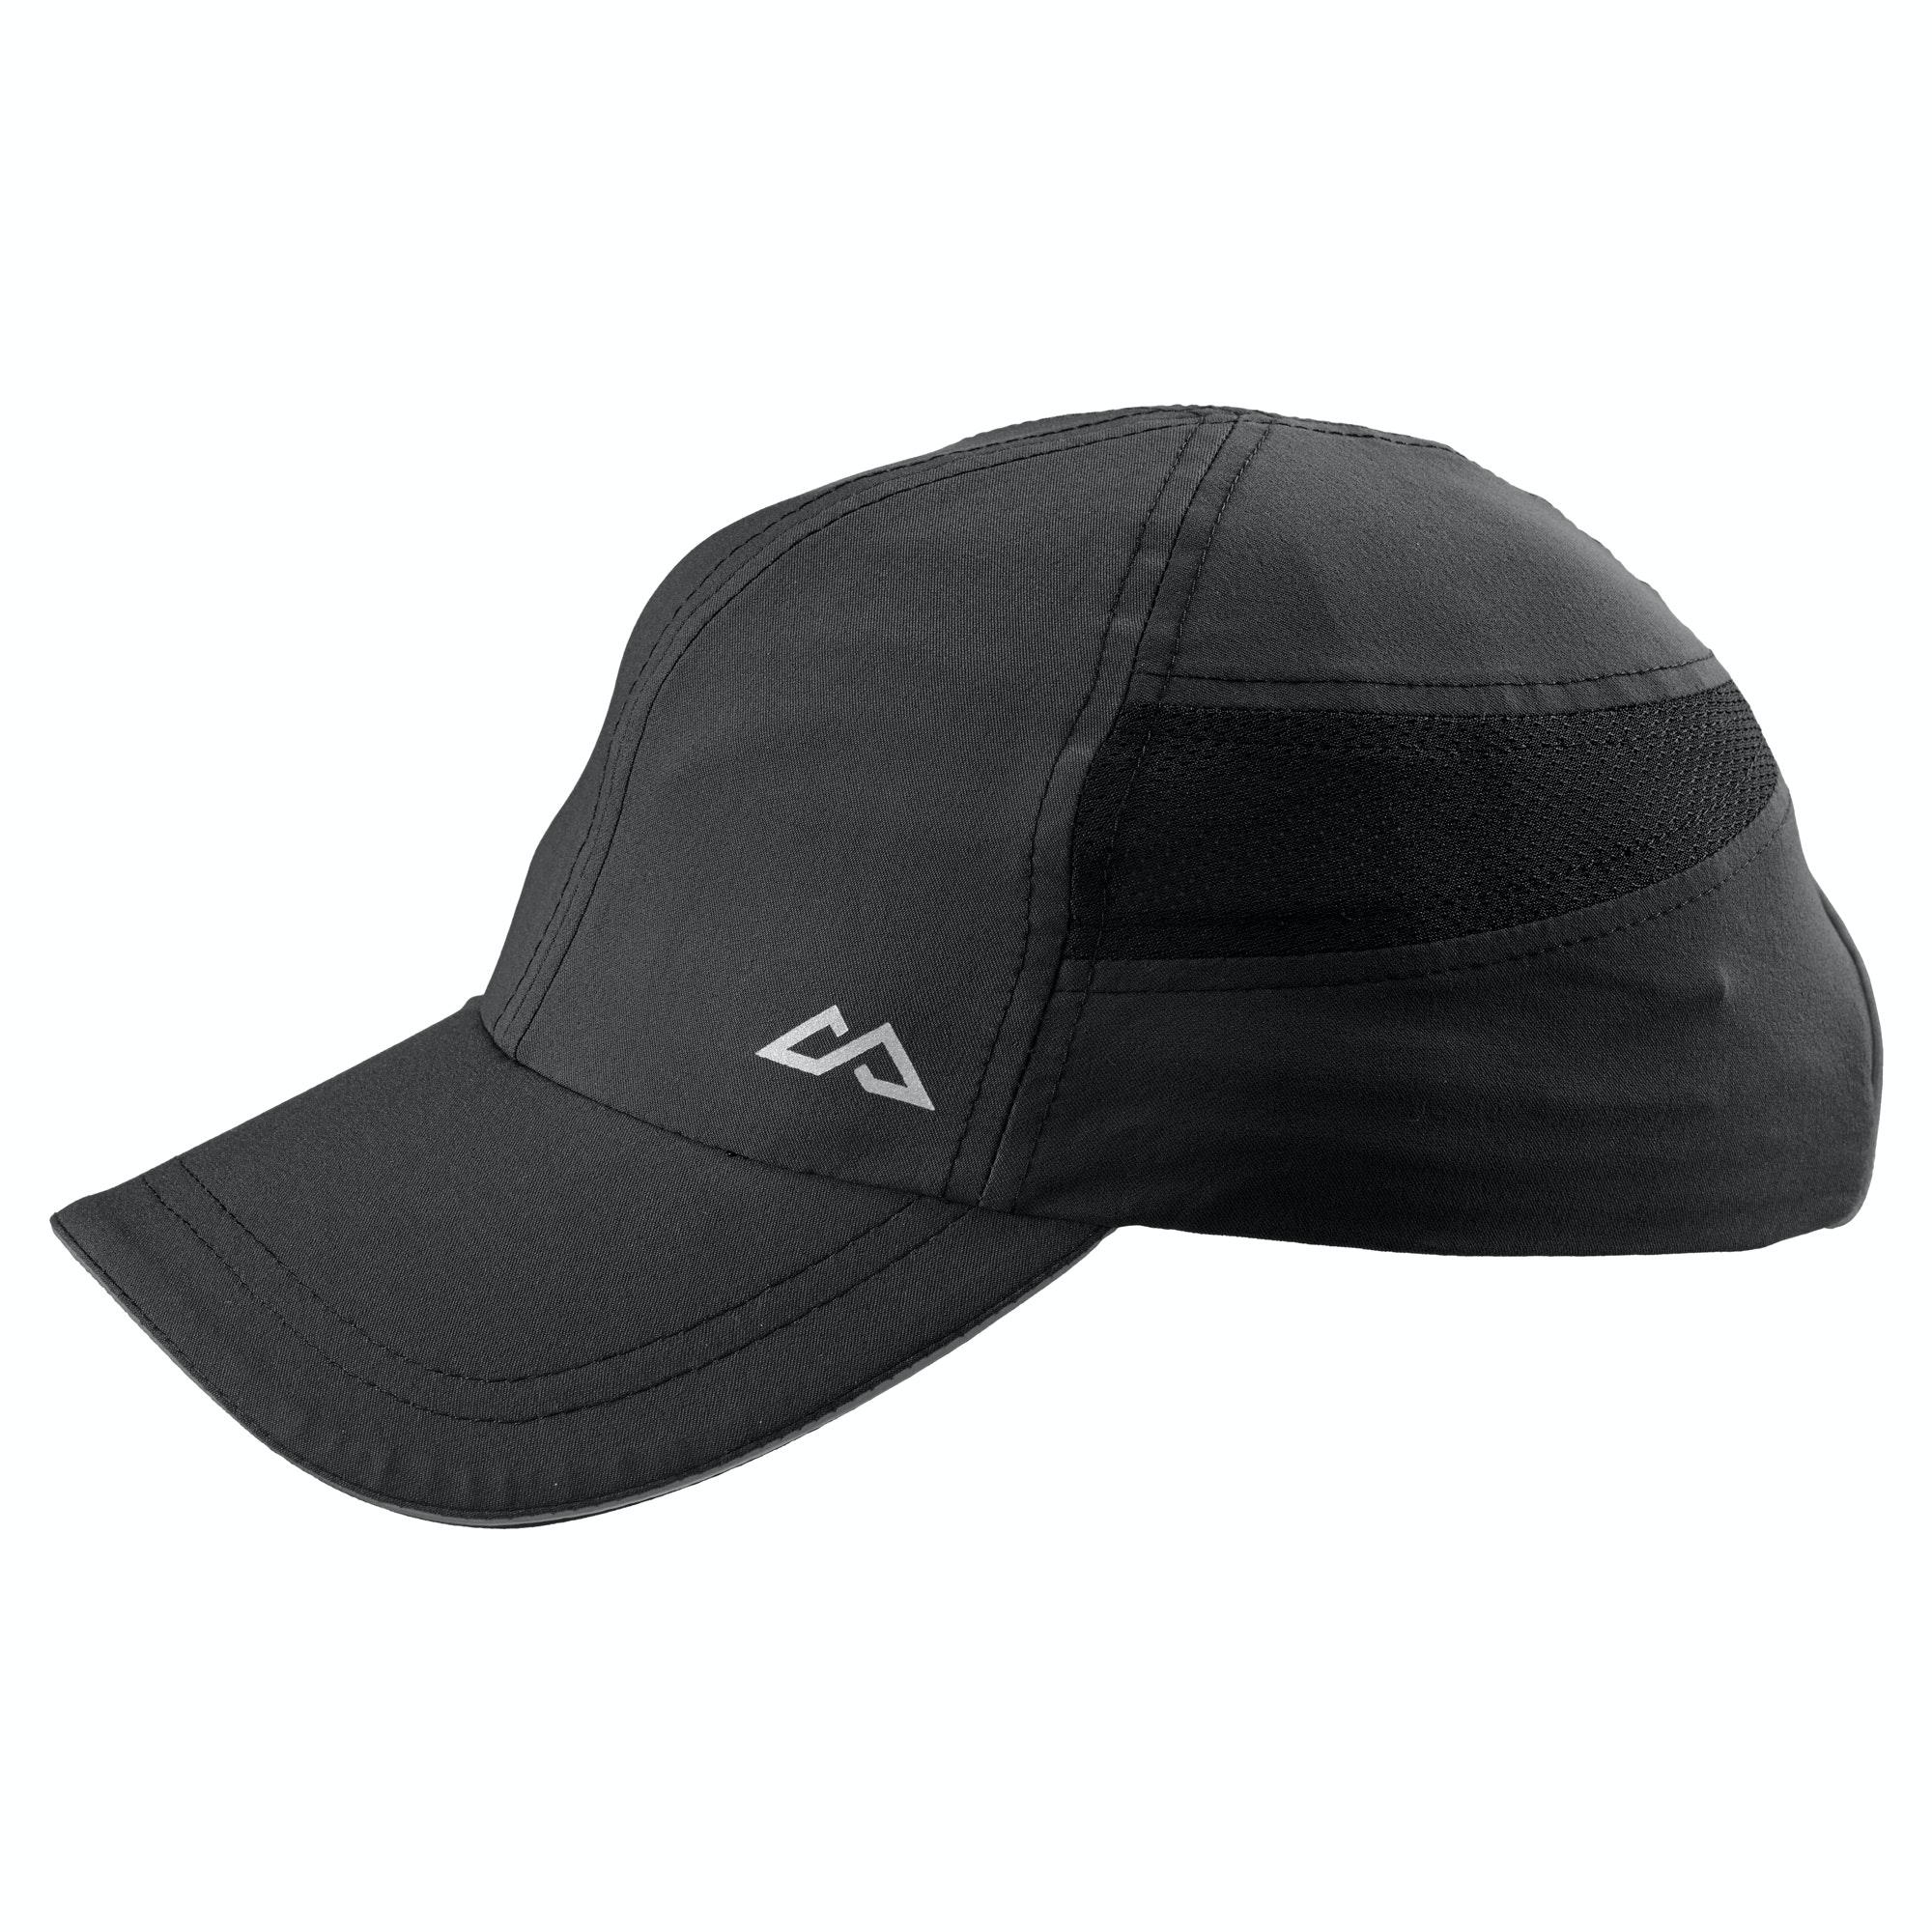 Active Cap v4